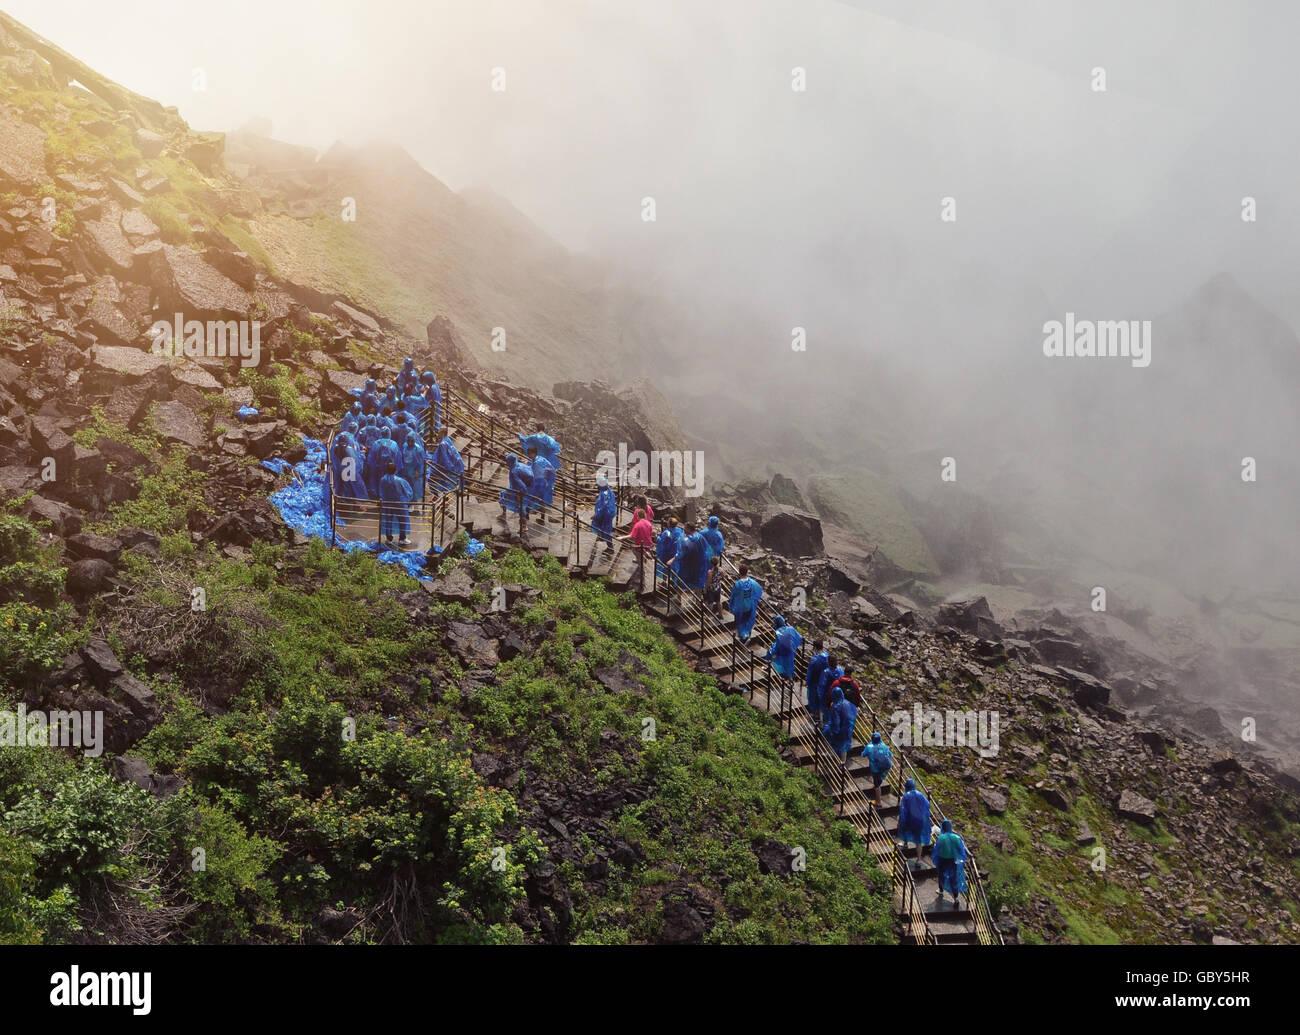 Les touristes sont à monter un escalier à Niagara Falls avec un brouillard d'eau et d'imperméables Photo Stock